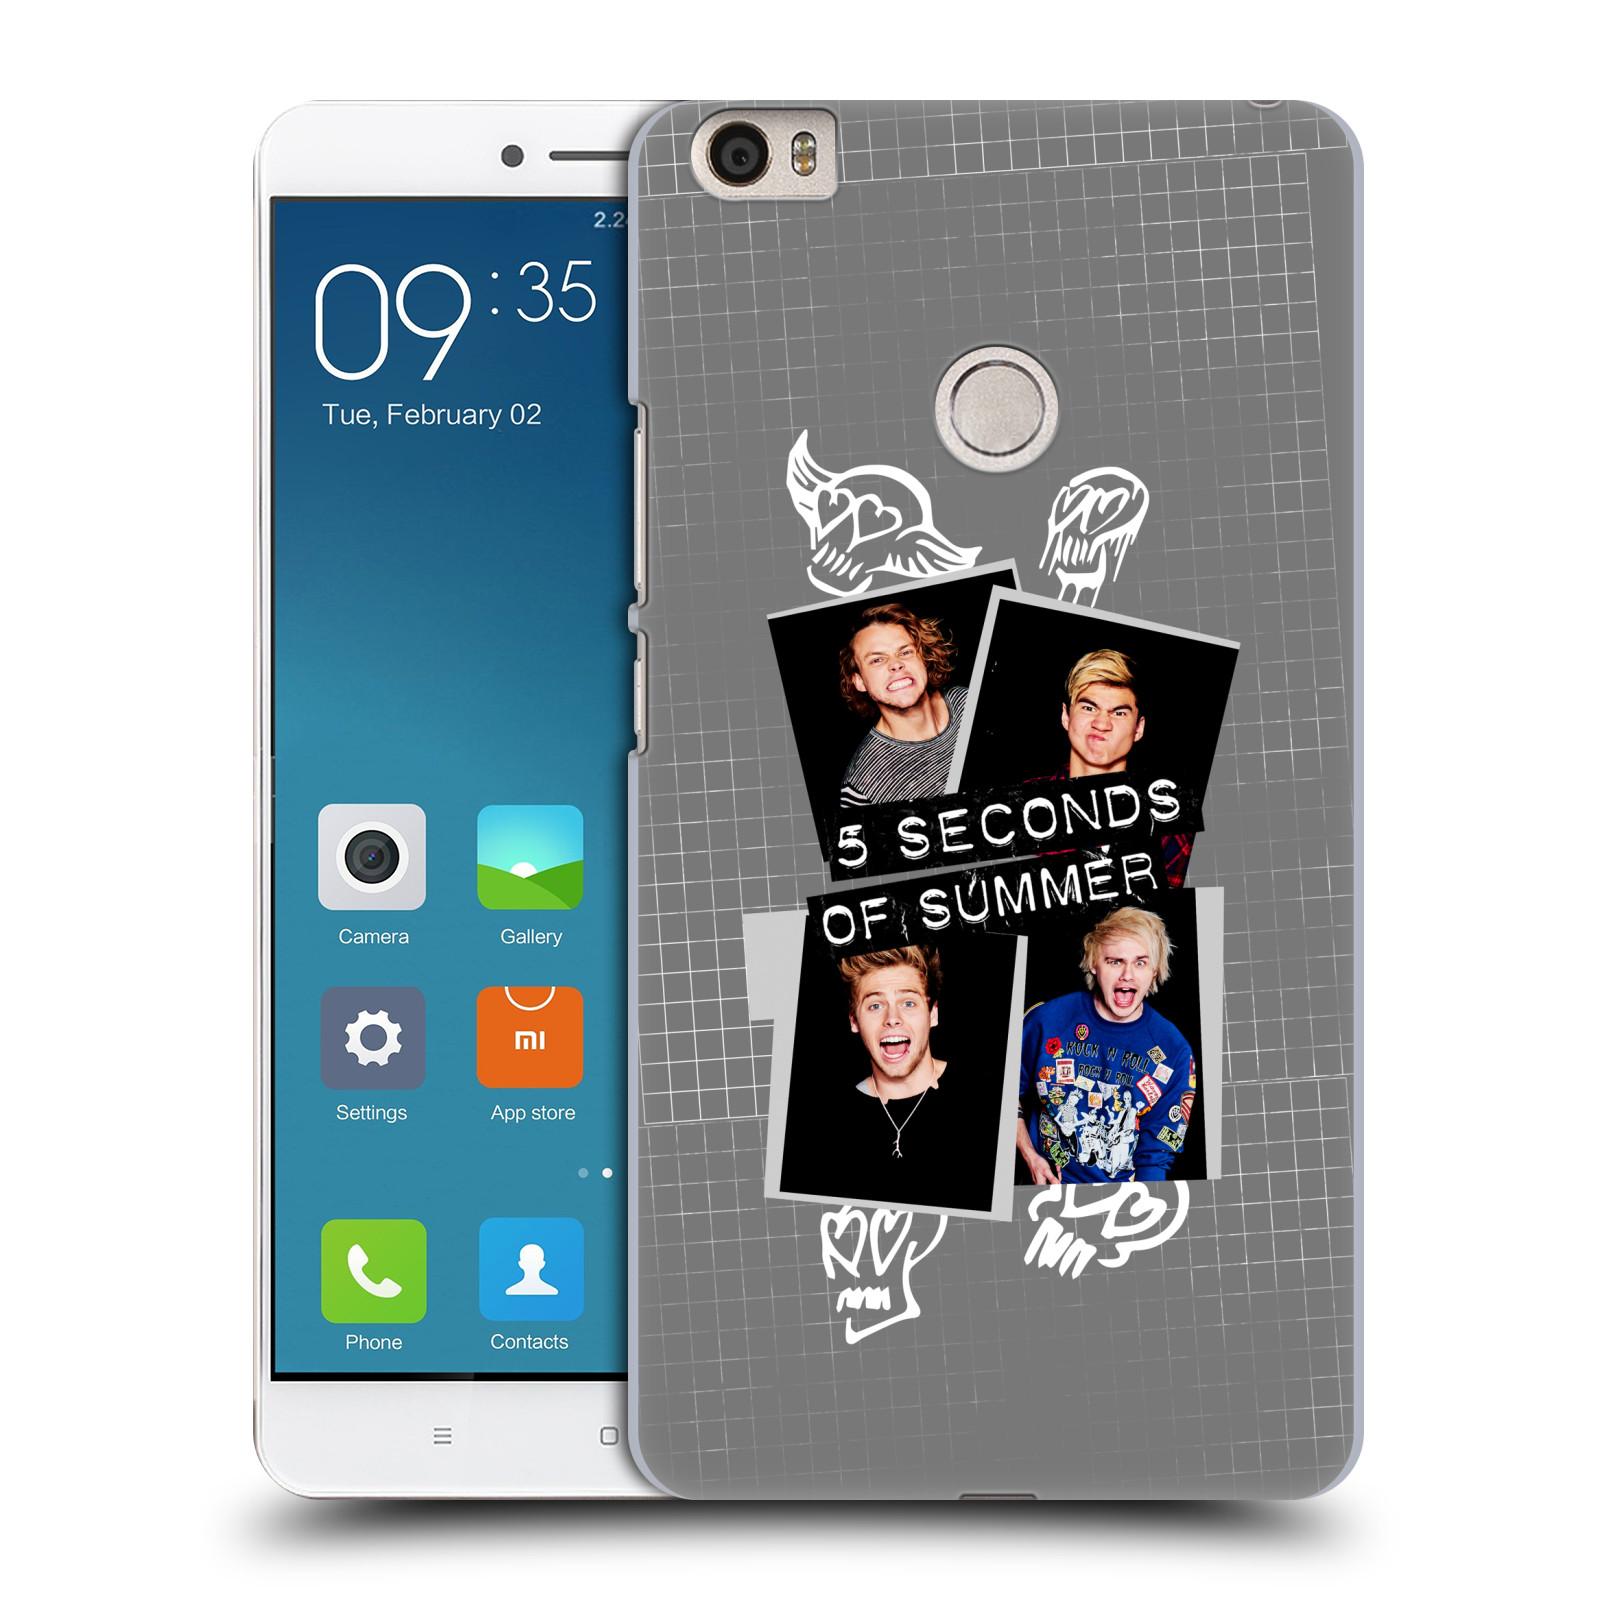 Plastové pouzdro na mobil Xiaomi Mi Max HEAD CASE 5 Seconds of Summer - Band Grey (Plastový kryt či obal na mobilní telefon licencovaným motivem 5 Seconds of Summer pro Xiaomi Mi Max)